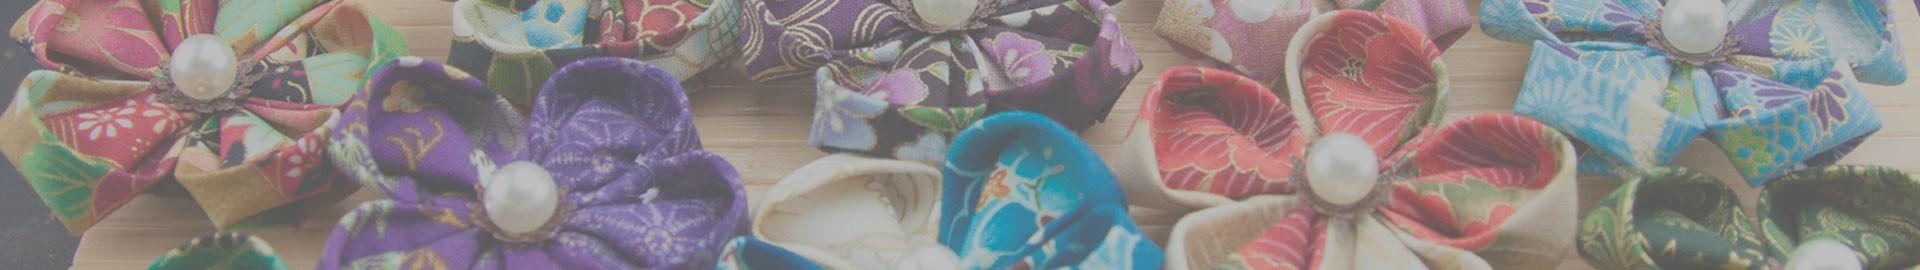 Todos nuestros productos artesanales organizados por colecciones